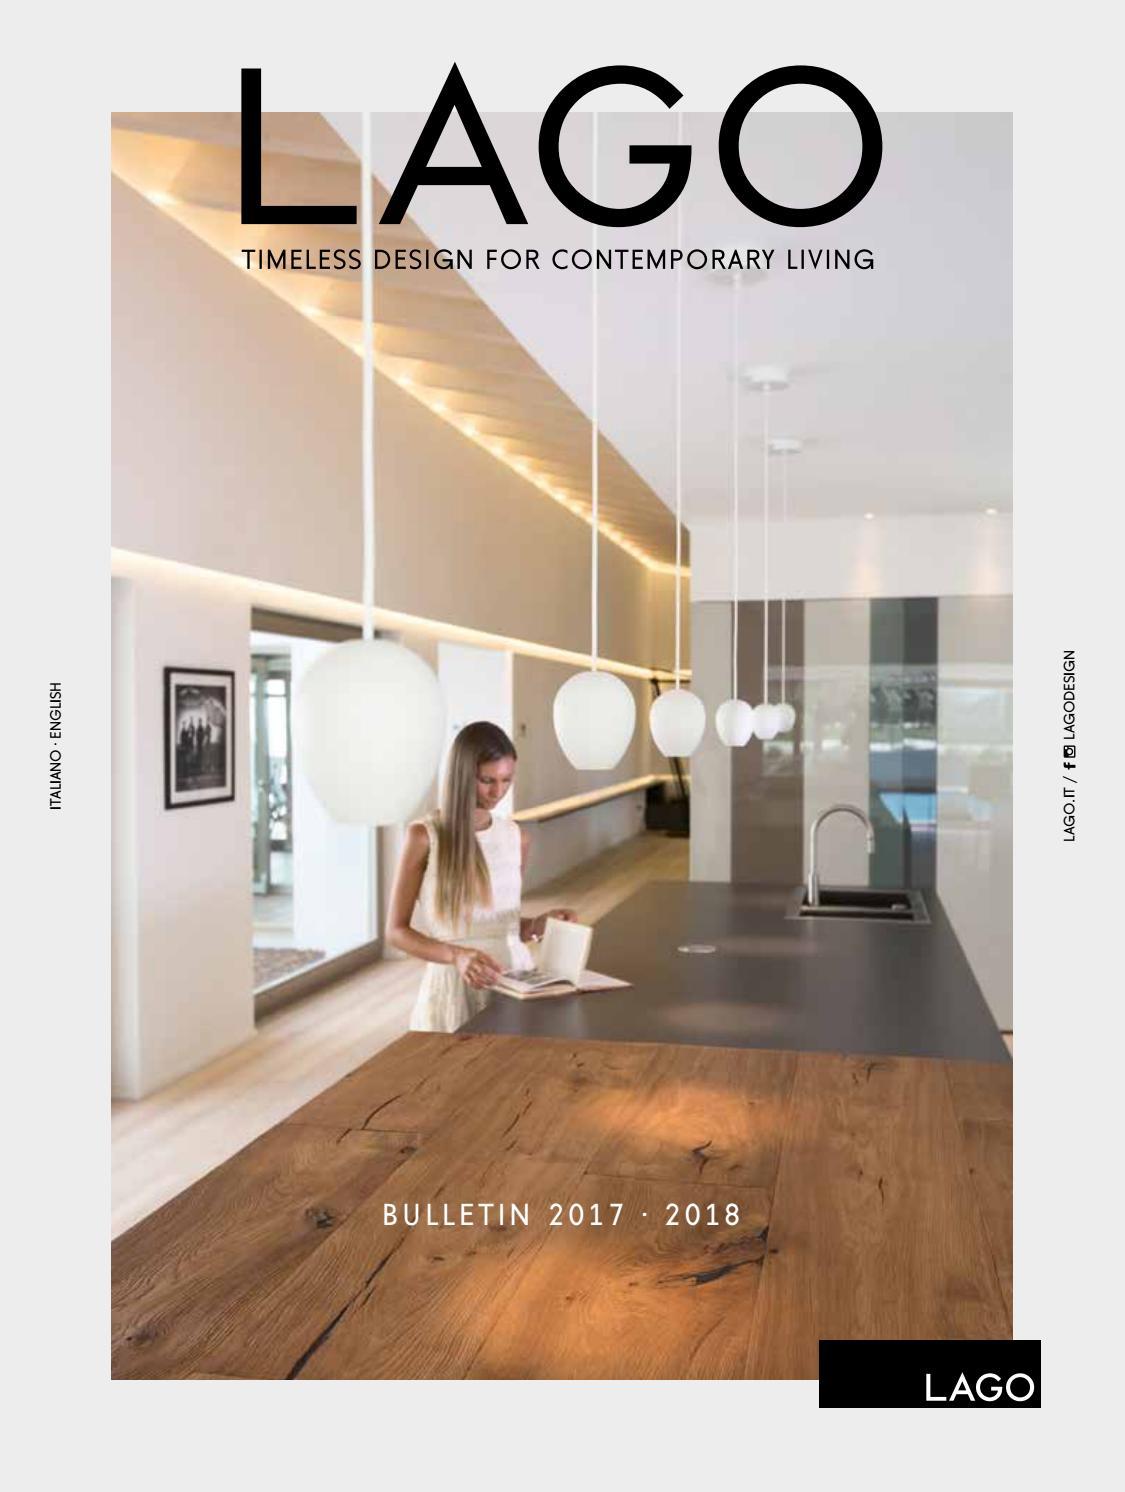 Lago bulletin 2017 ita eng by lago s p a issuu for Lago villa del conte